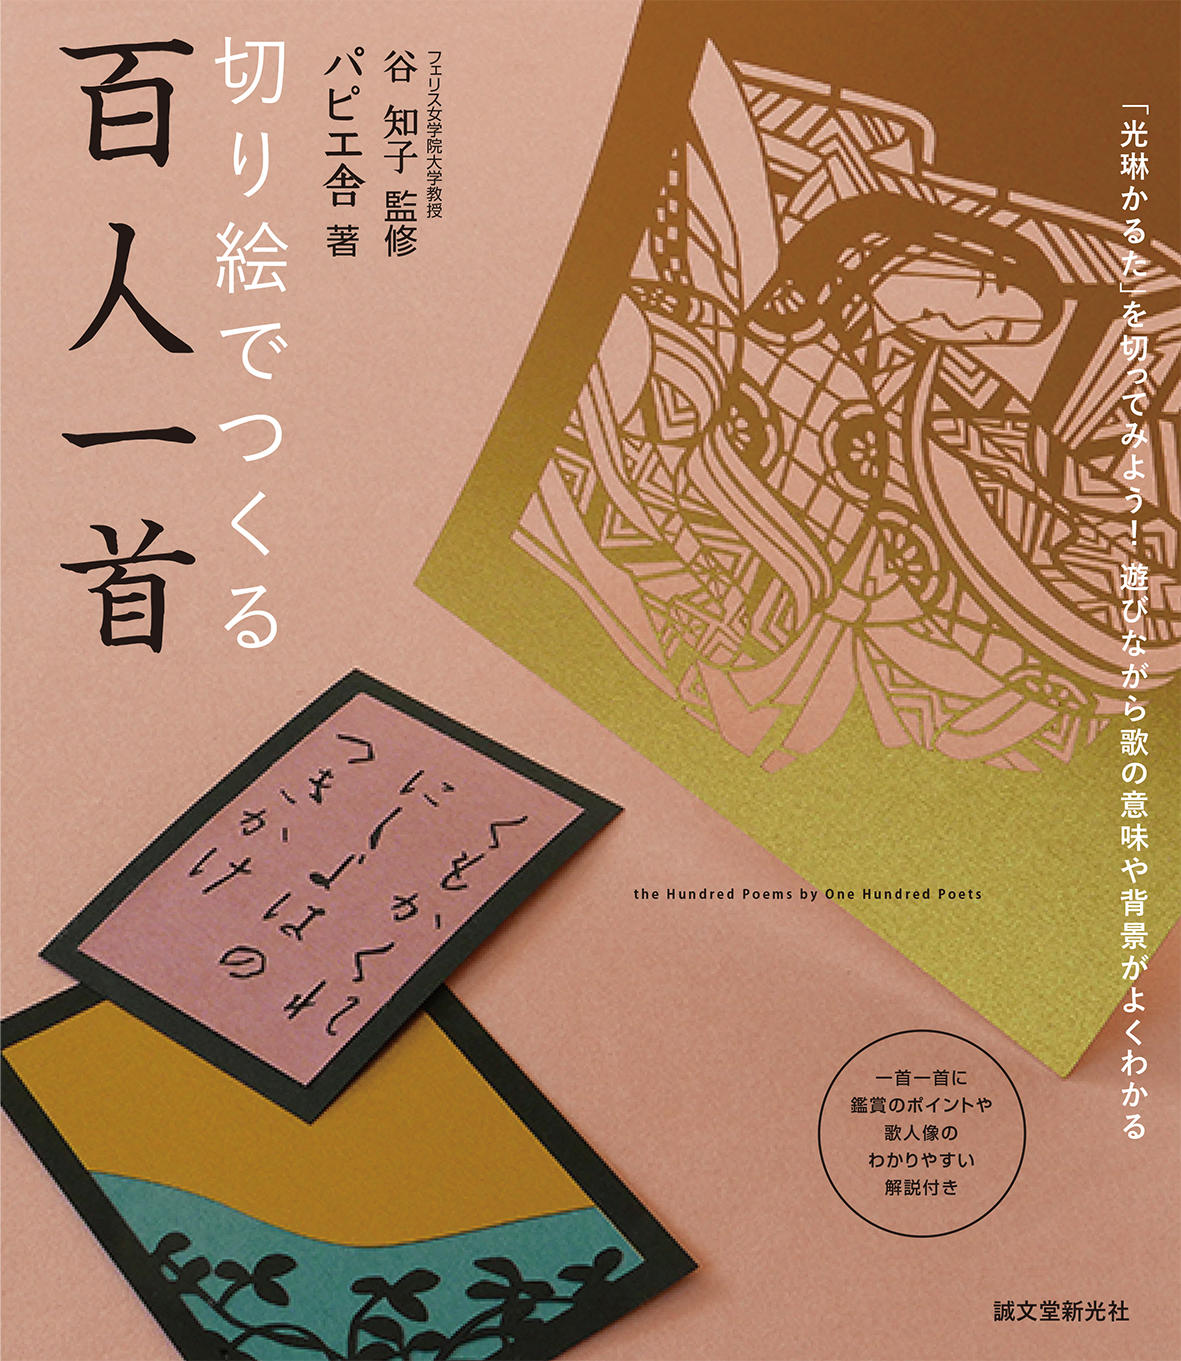 フェリス女学院大学の学生が解説コラムを執筆した書籍『切り絵でつくる百人一首』が2018年1月17日に発売 -- 女子大生ならではの視点で解説